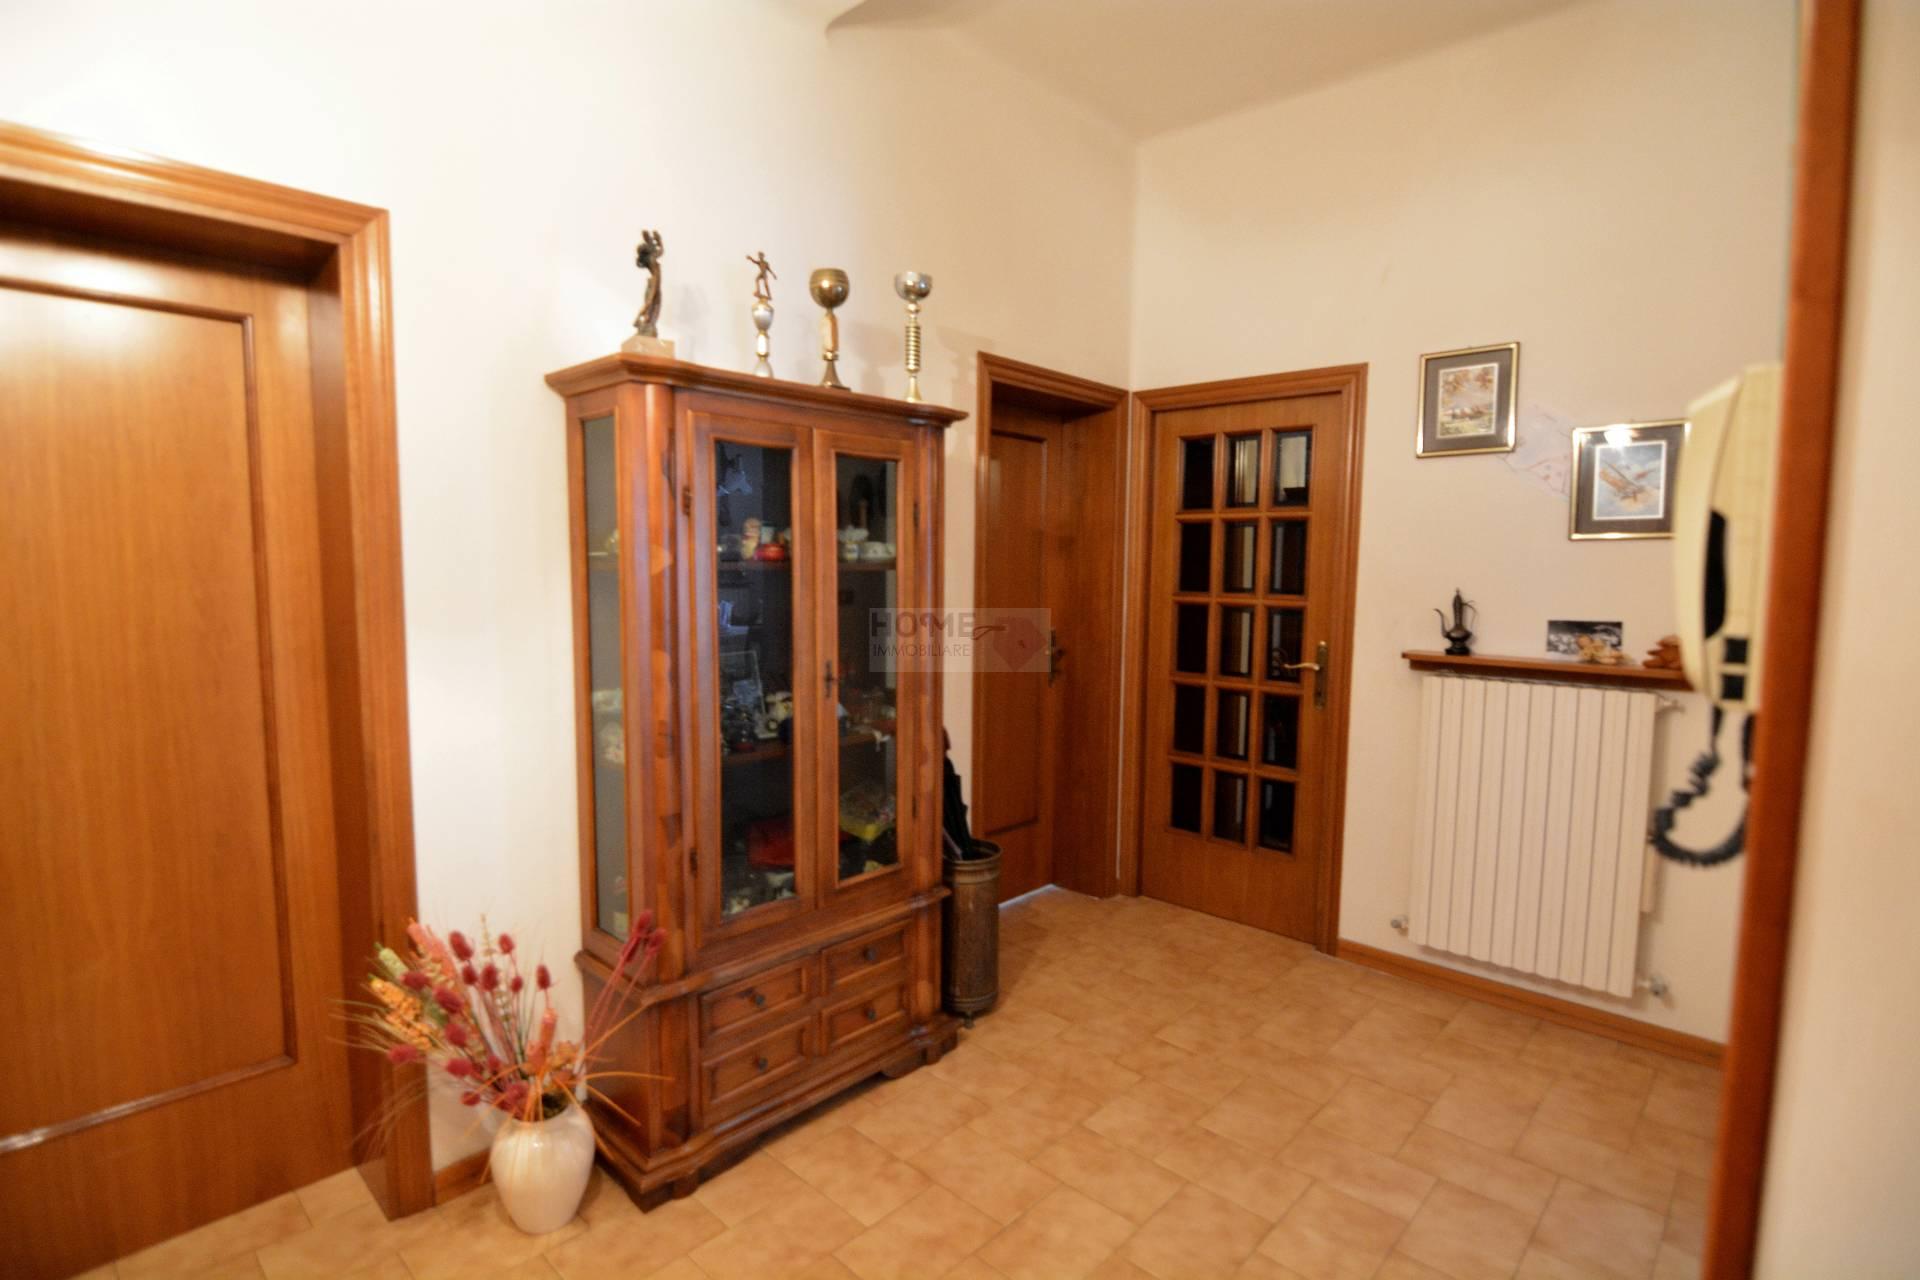 Appartamento in vendita a Macerata, 8 locali, zona Località: ZonaCentrale, prezzo € 150.000 | Cambio Casa.it